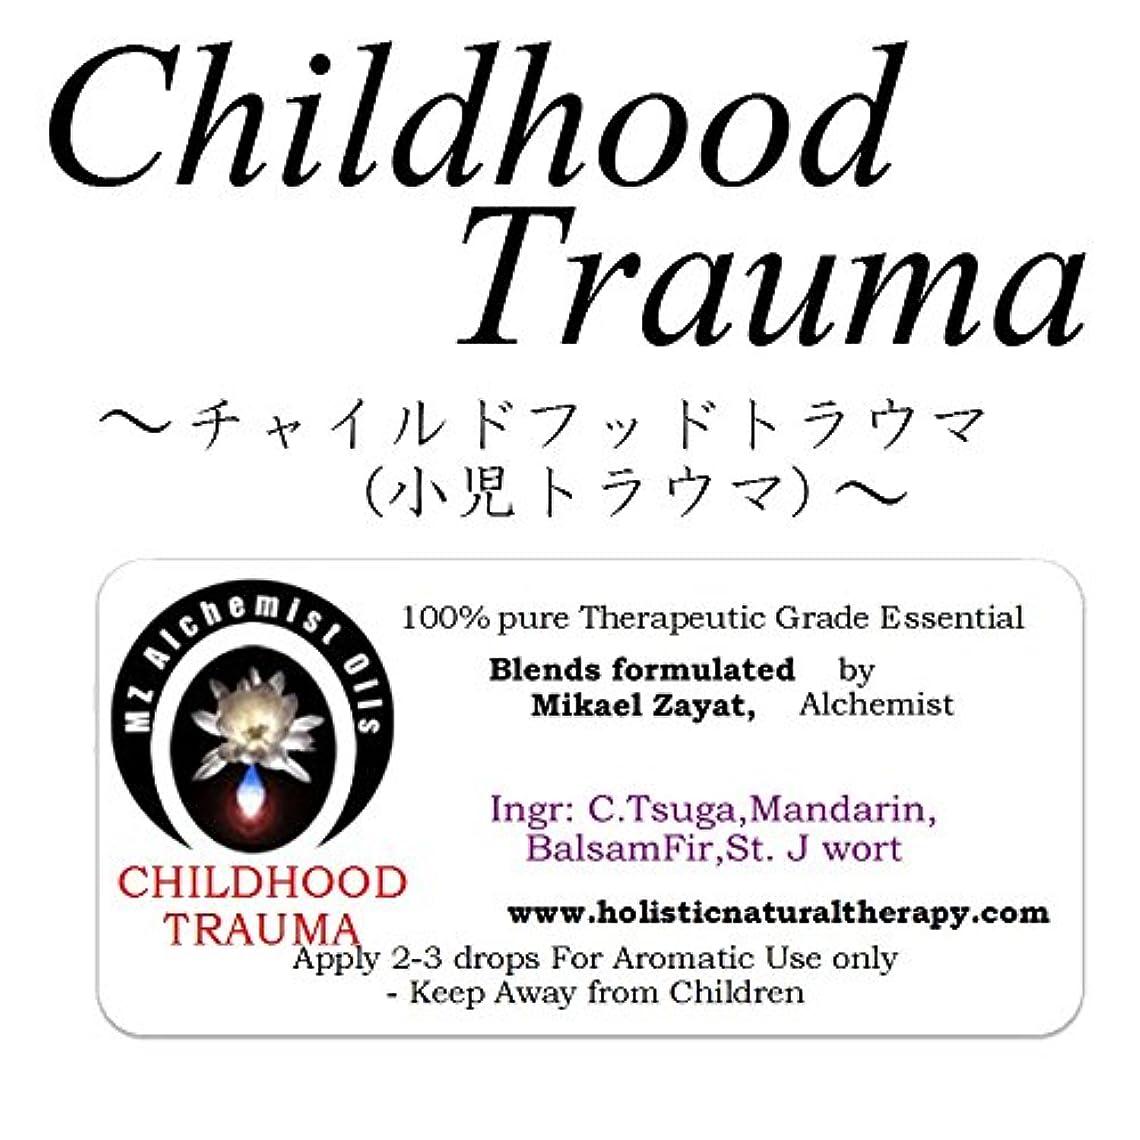 天才ビル生産的ミカエルザヤットアルケミストオイル セラピストグレードアロマオイル Childhood Trauma-チャイルドフット?トラウマ(小児トラウマ)- 4ml